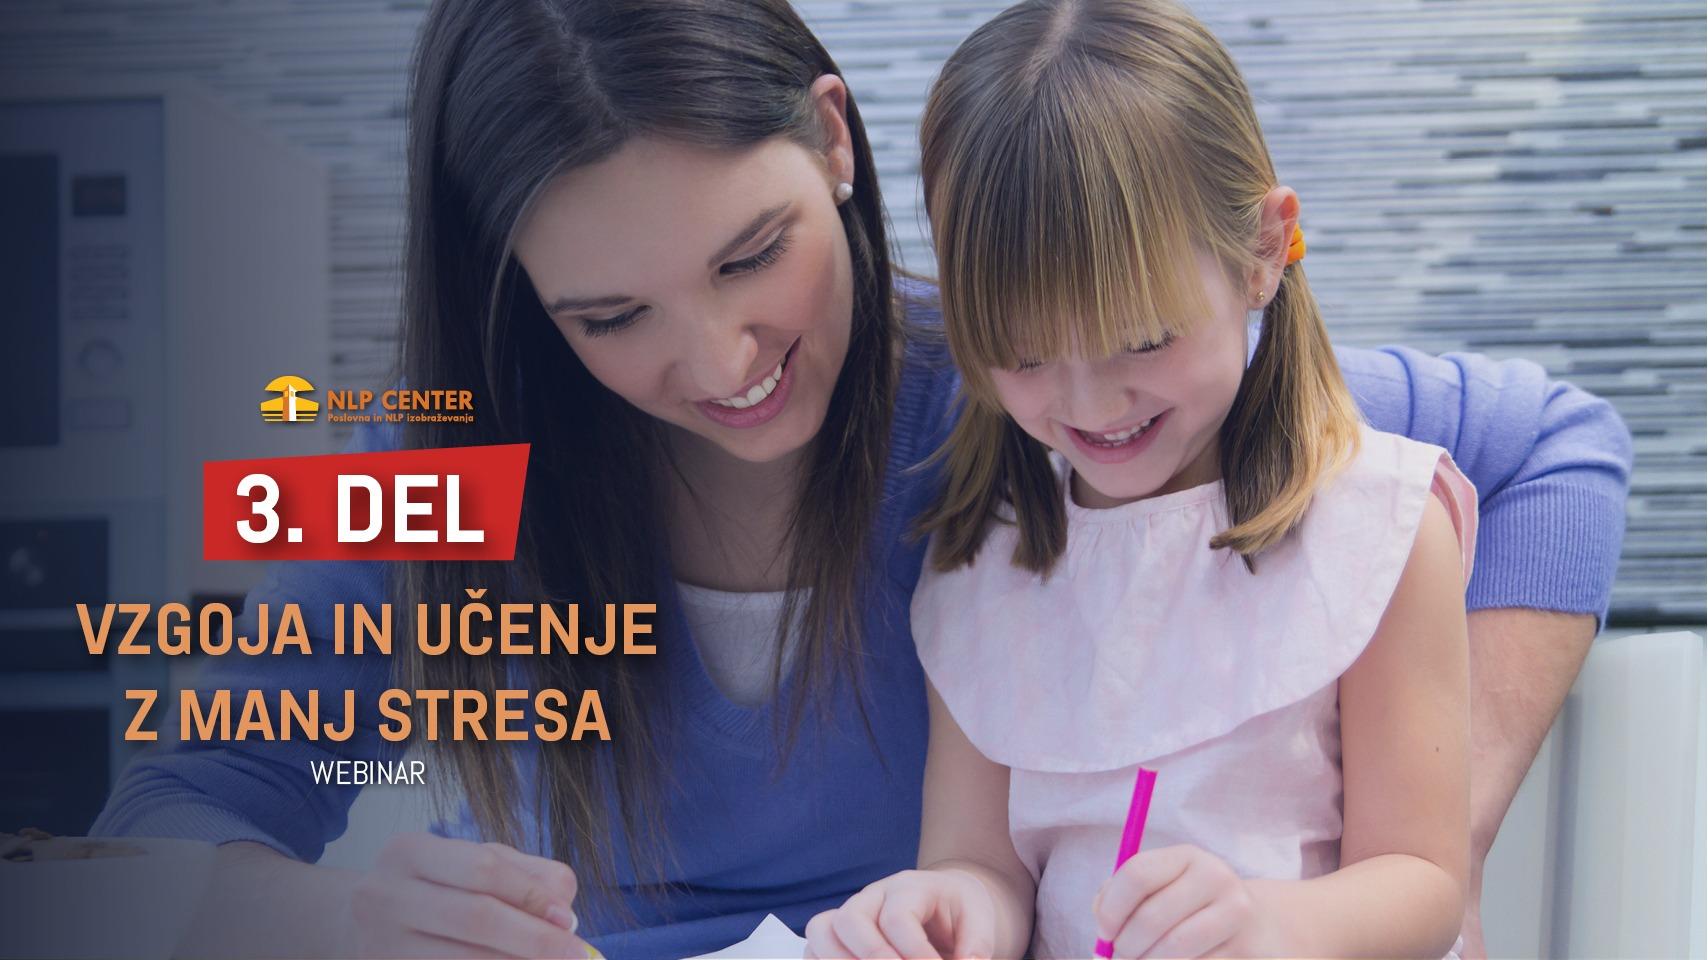 Vzgoja in učenje z manj stresa - NLP za starše in pedagoge <strong>3. DEL</strong>